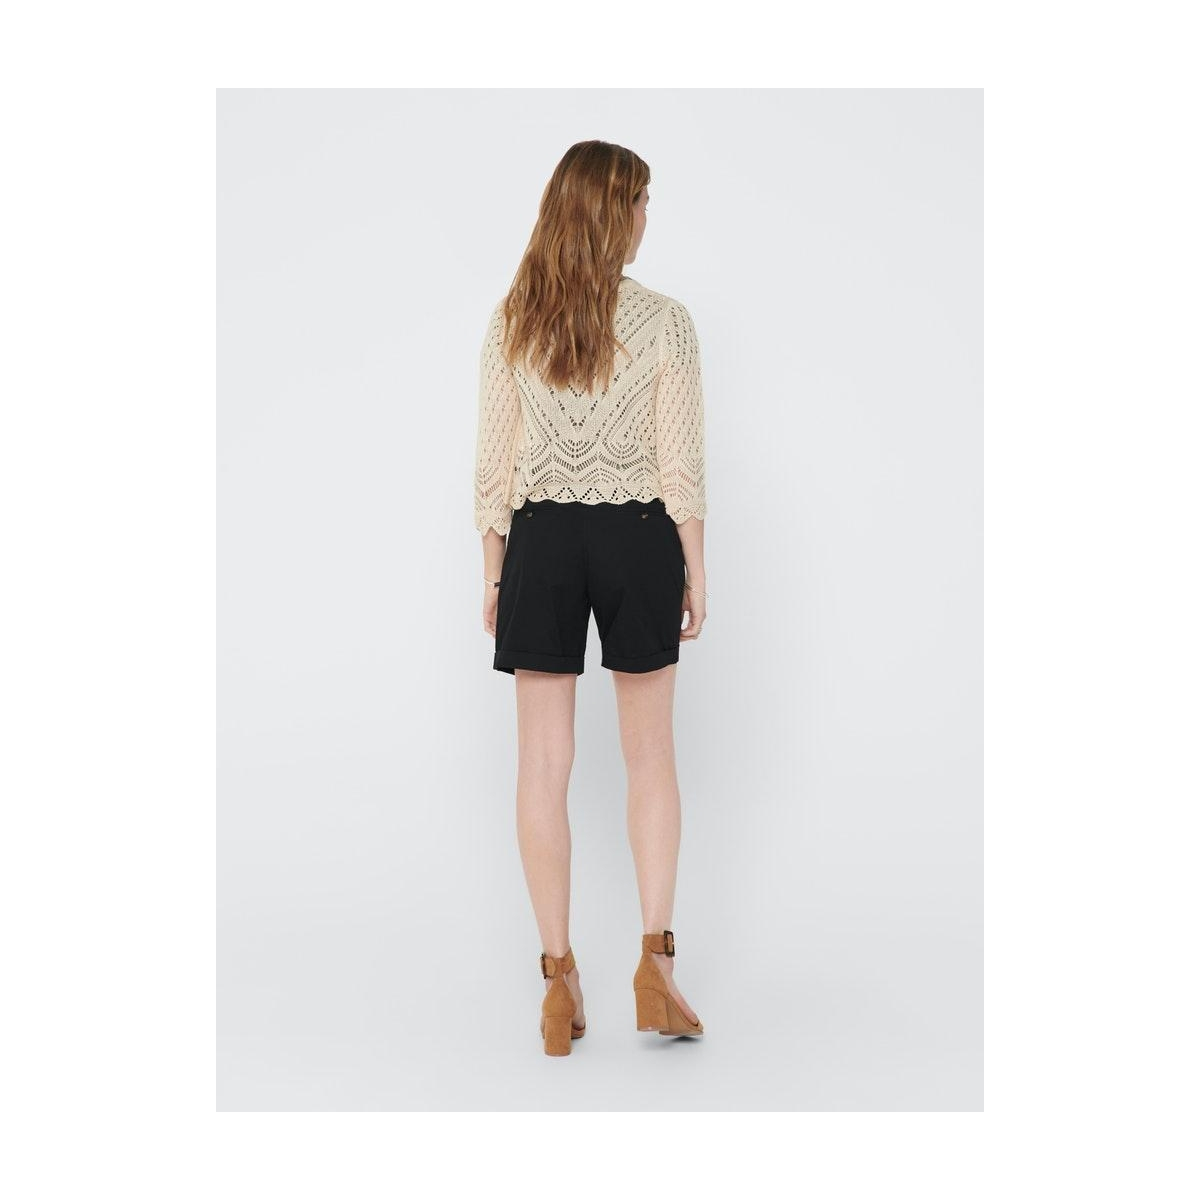 jdysun 3/4 cropped cardigan knt 15184486 jacqueline de yong vest tapioca